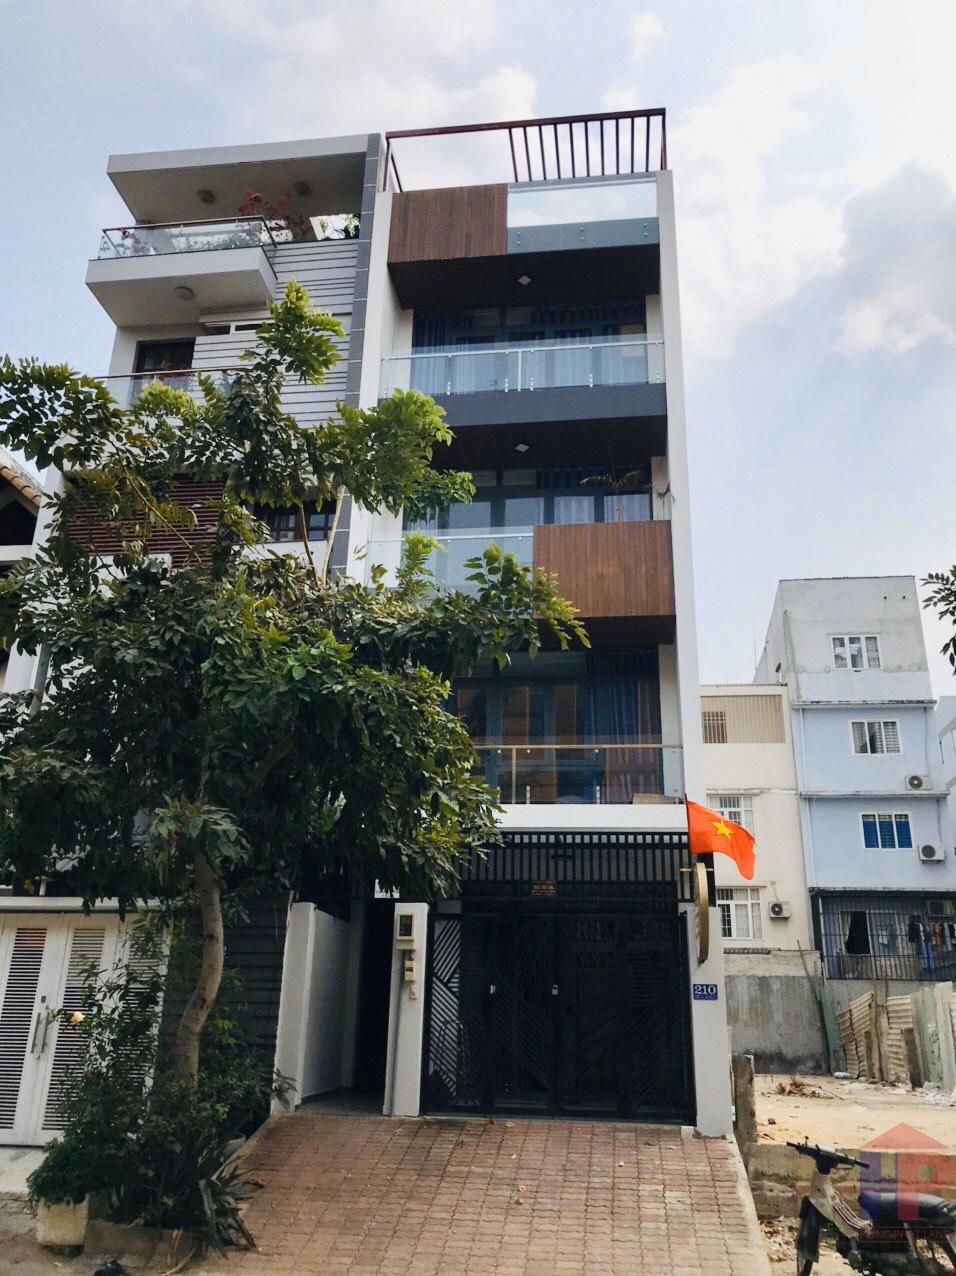 Bán nhà đường số 8 Quận 7, Phường Tân Thuận Đông, 1 trệt – 3 lầu, DT 5x24m, giá 15.9 tỷ